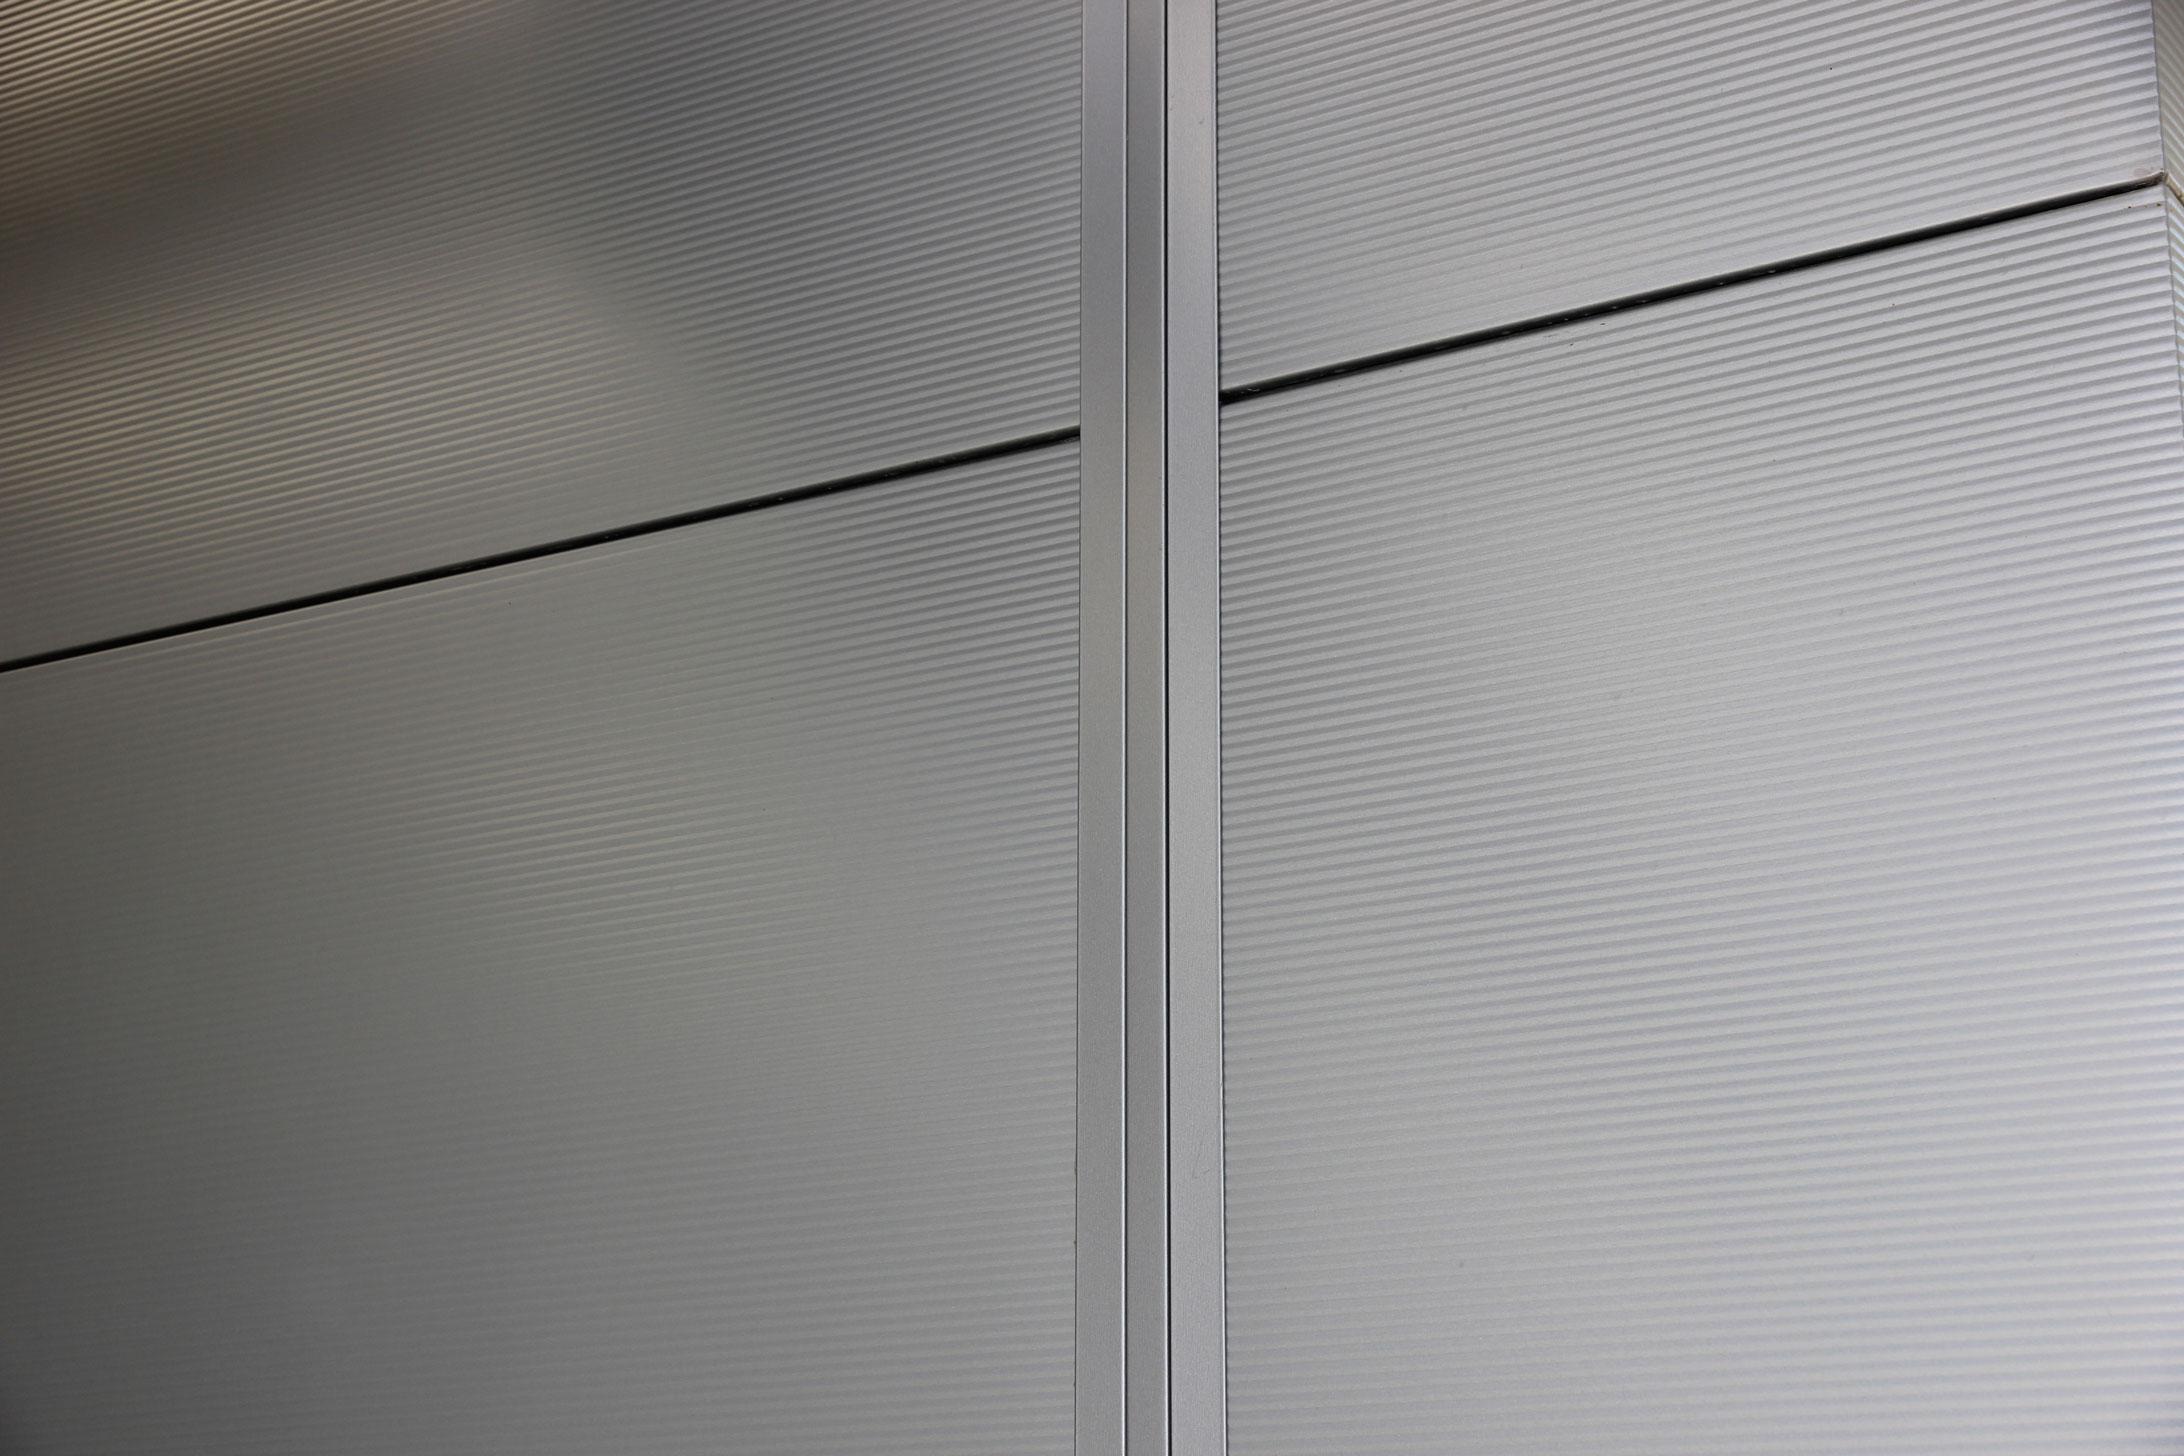 Composite Panels